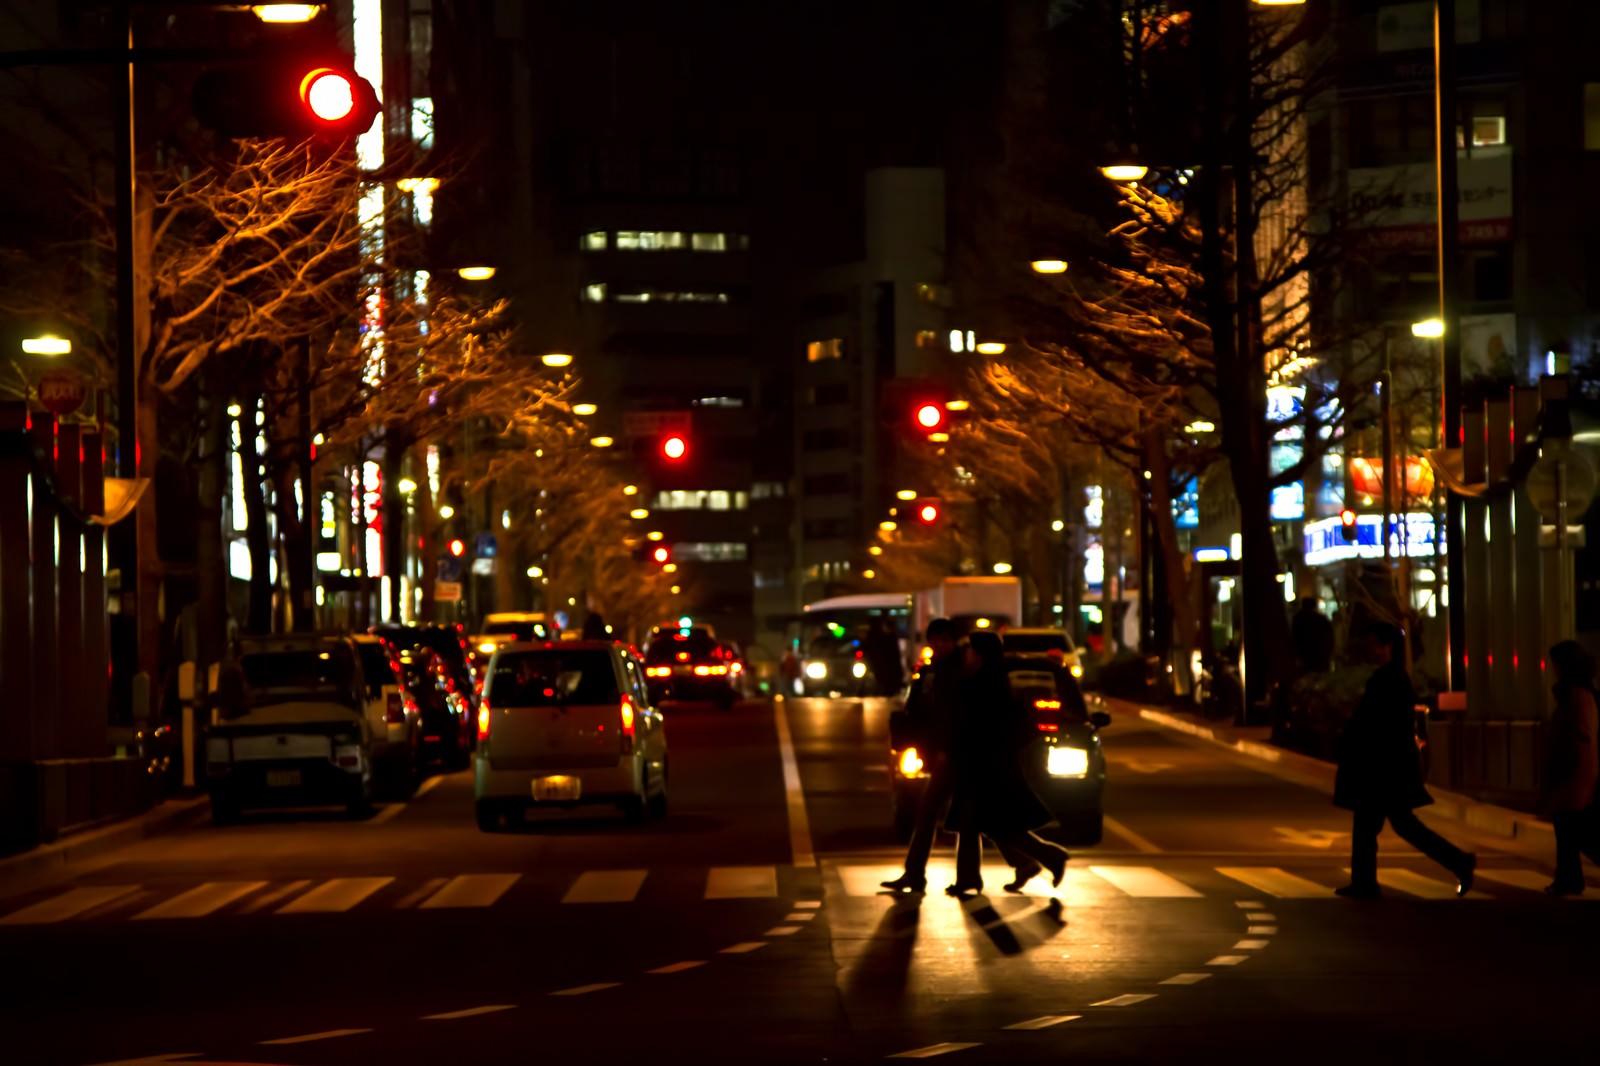 「夜、大通りの横断歩道を渡る人」の写真